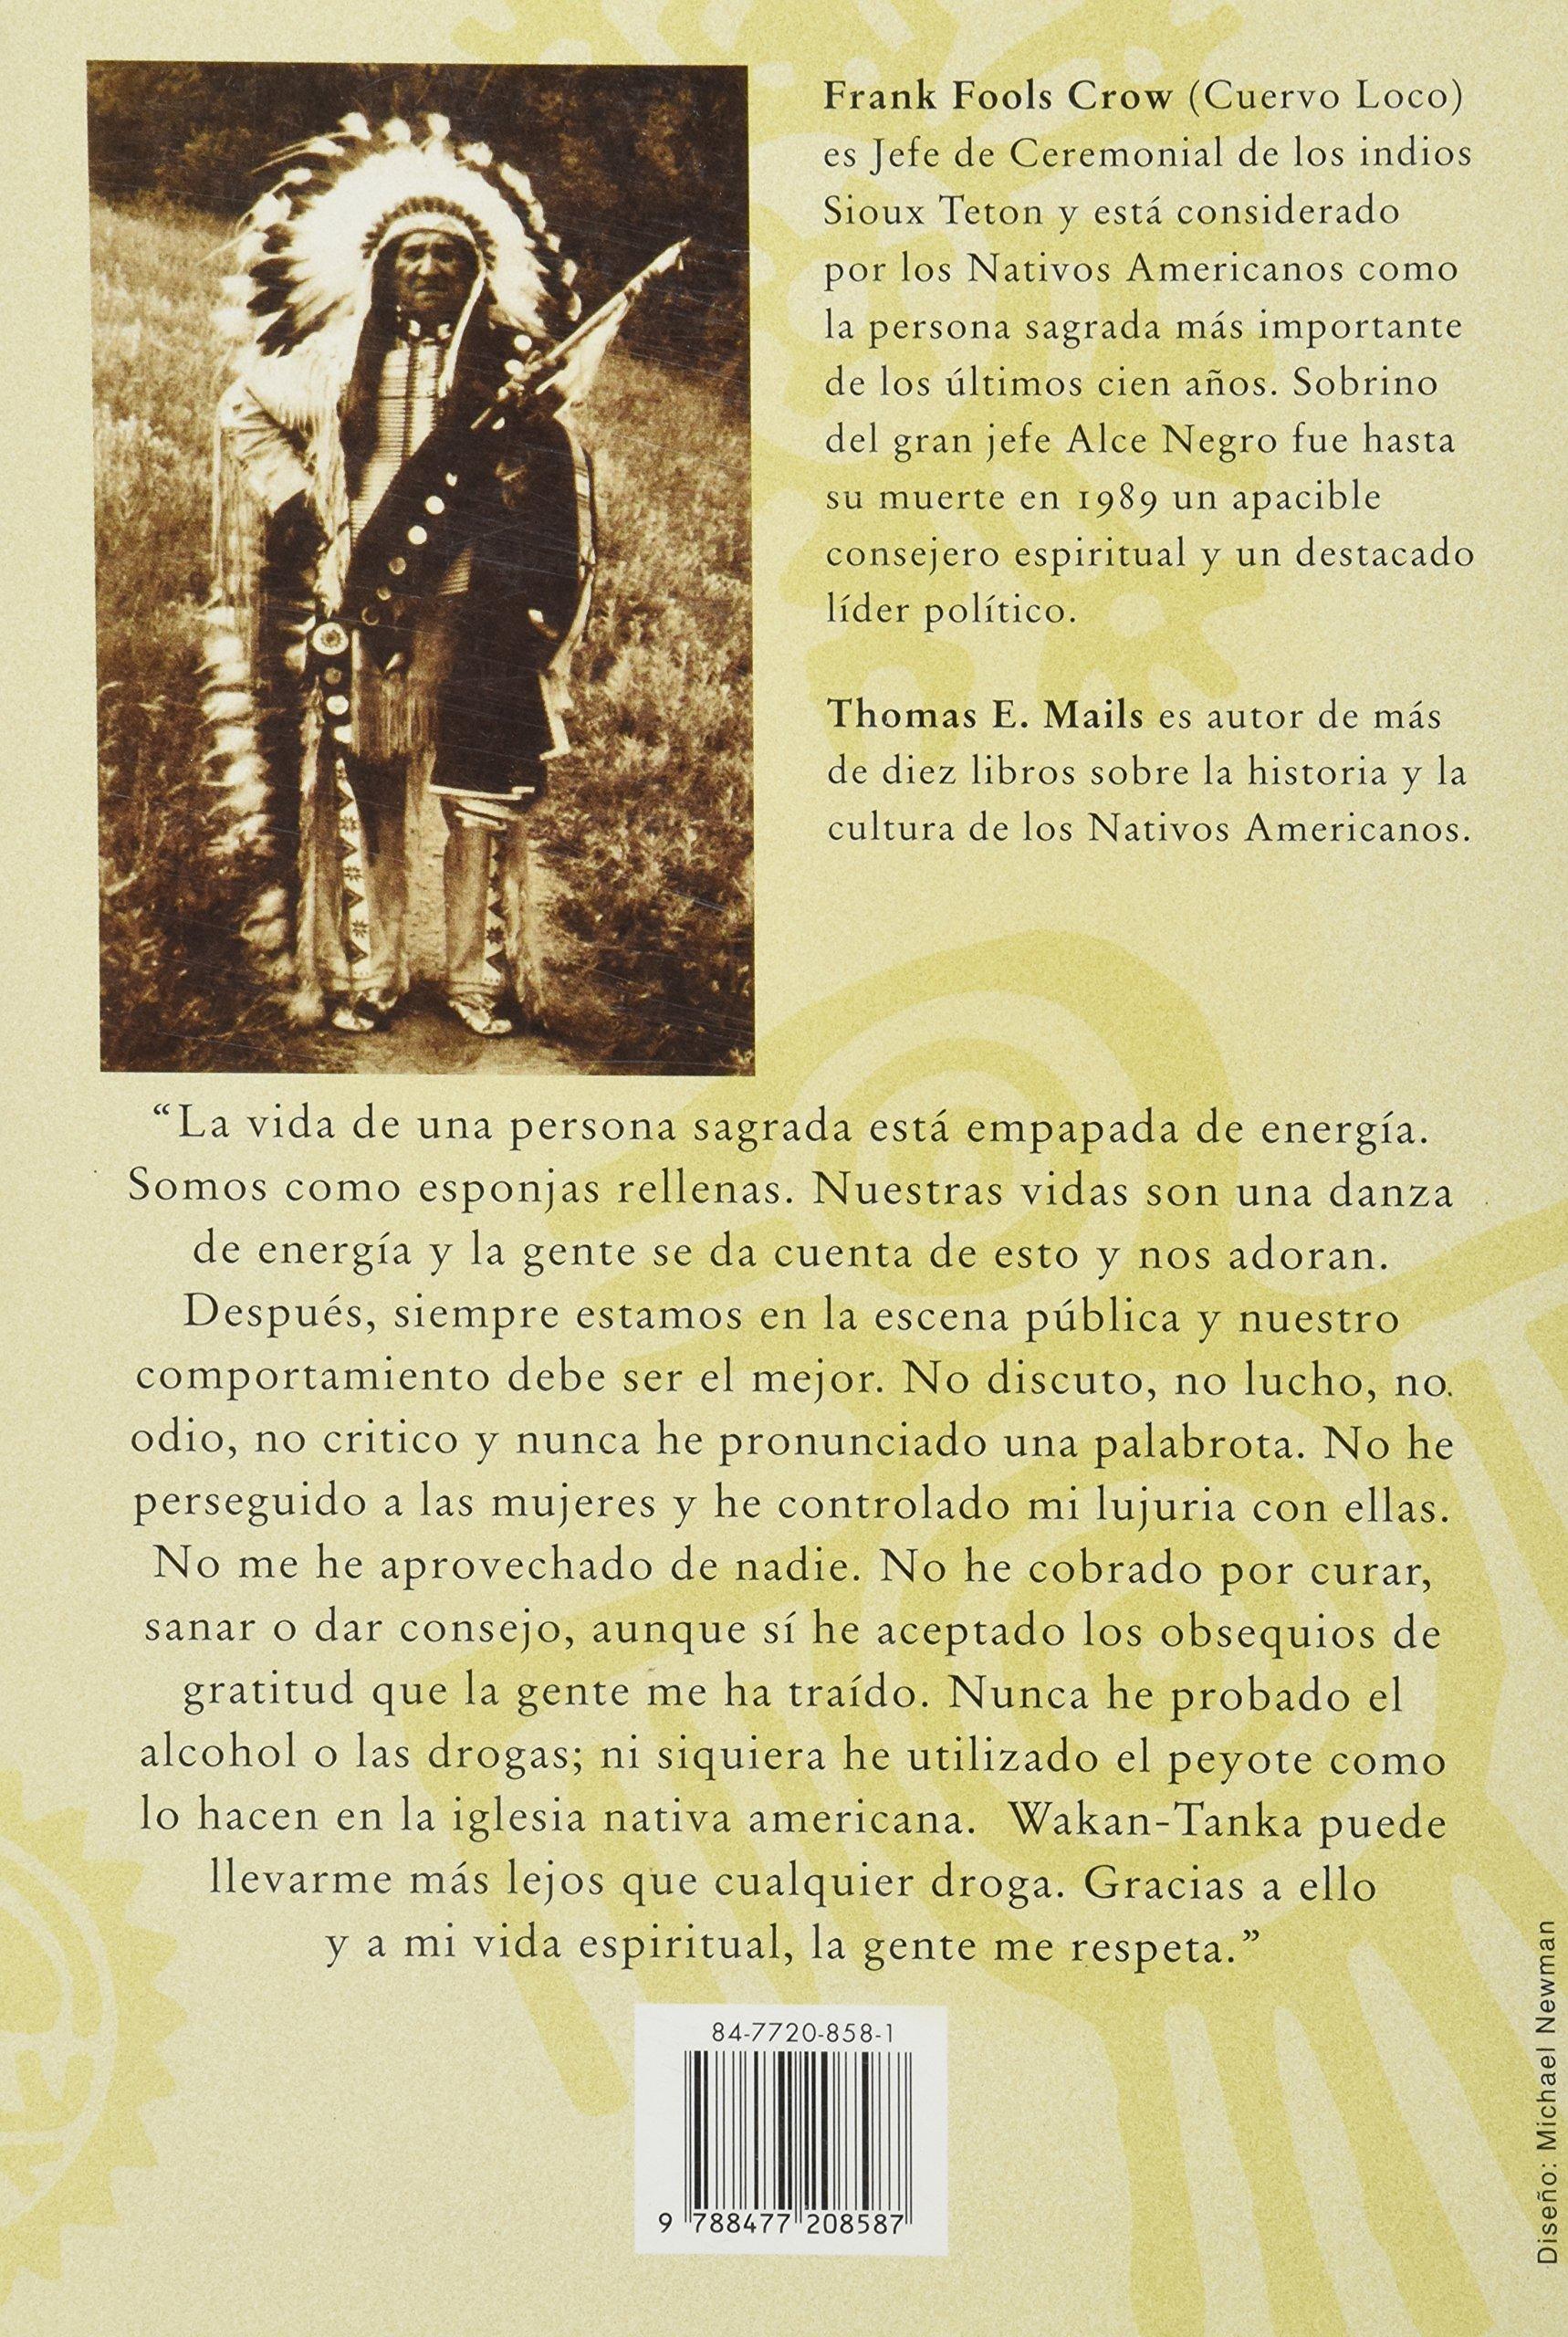 Cuervo loco (METAFÍSICA Y ESPIRITUALIDAD): Amazon.es: THOMAS E ...